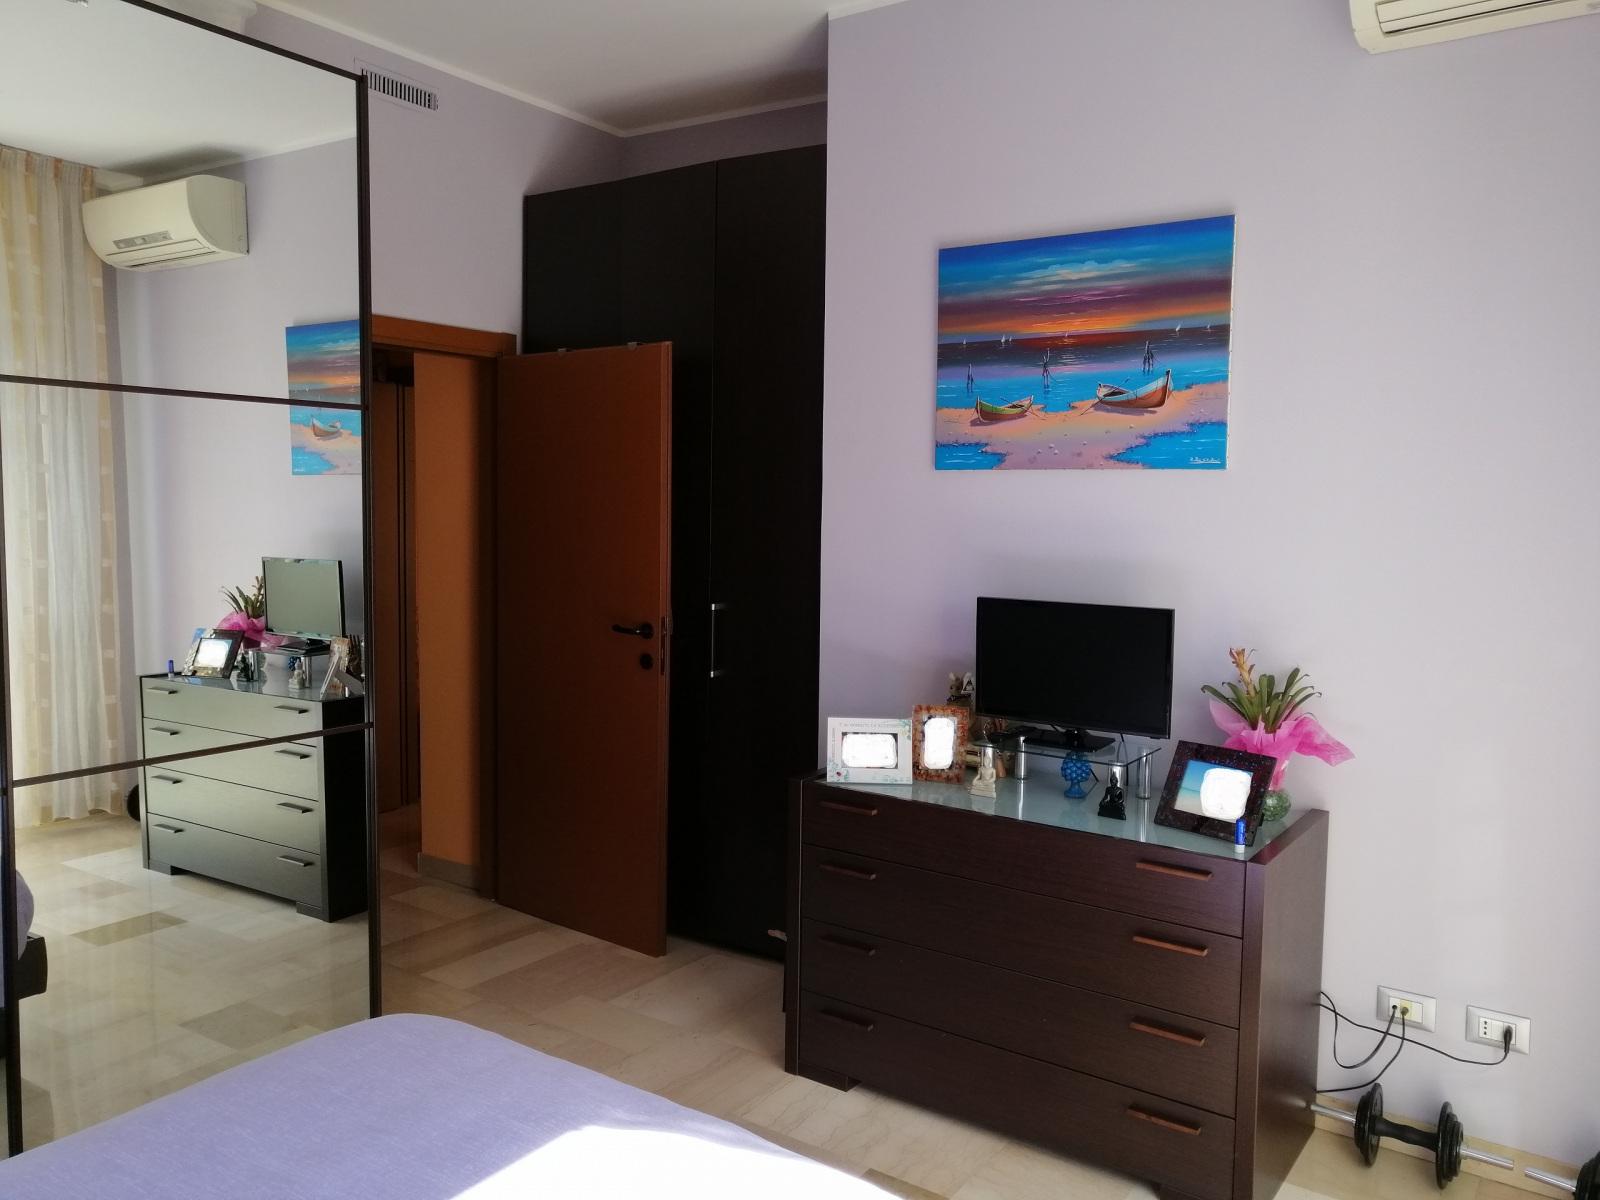 appartamenti-in-vendita-milano-baggio-2-locali-via-valle-antrona-8-spaziourbano-immobiliare-vene-3